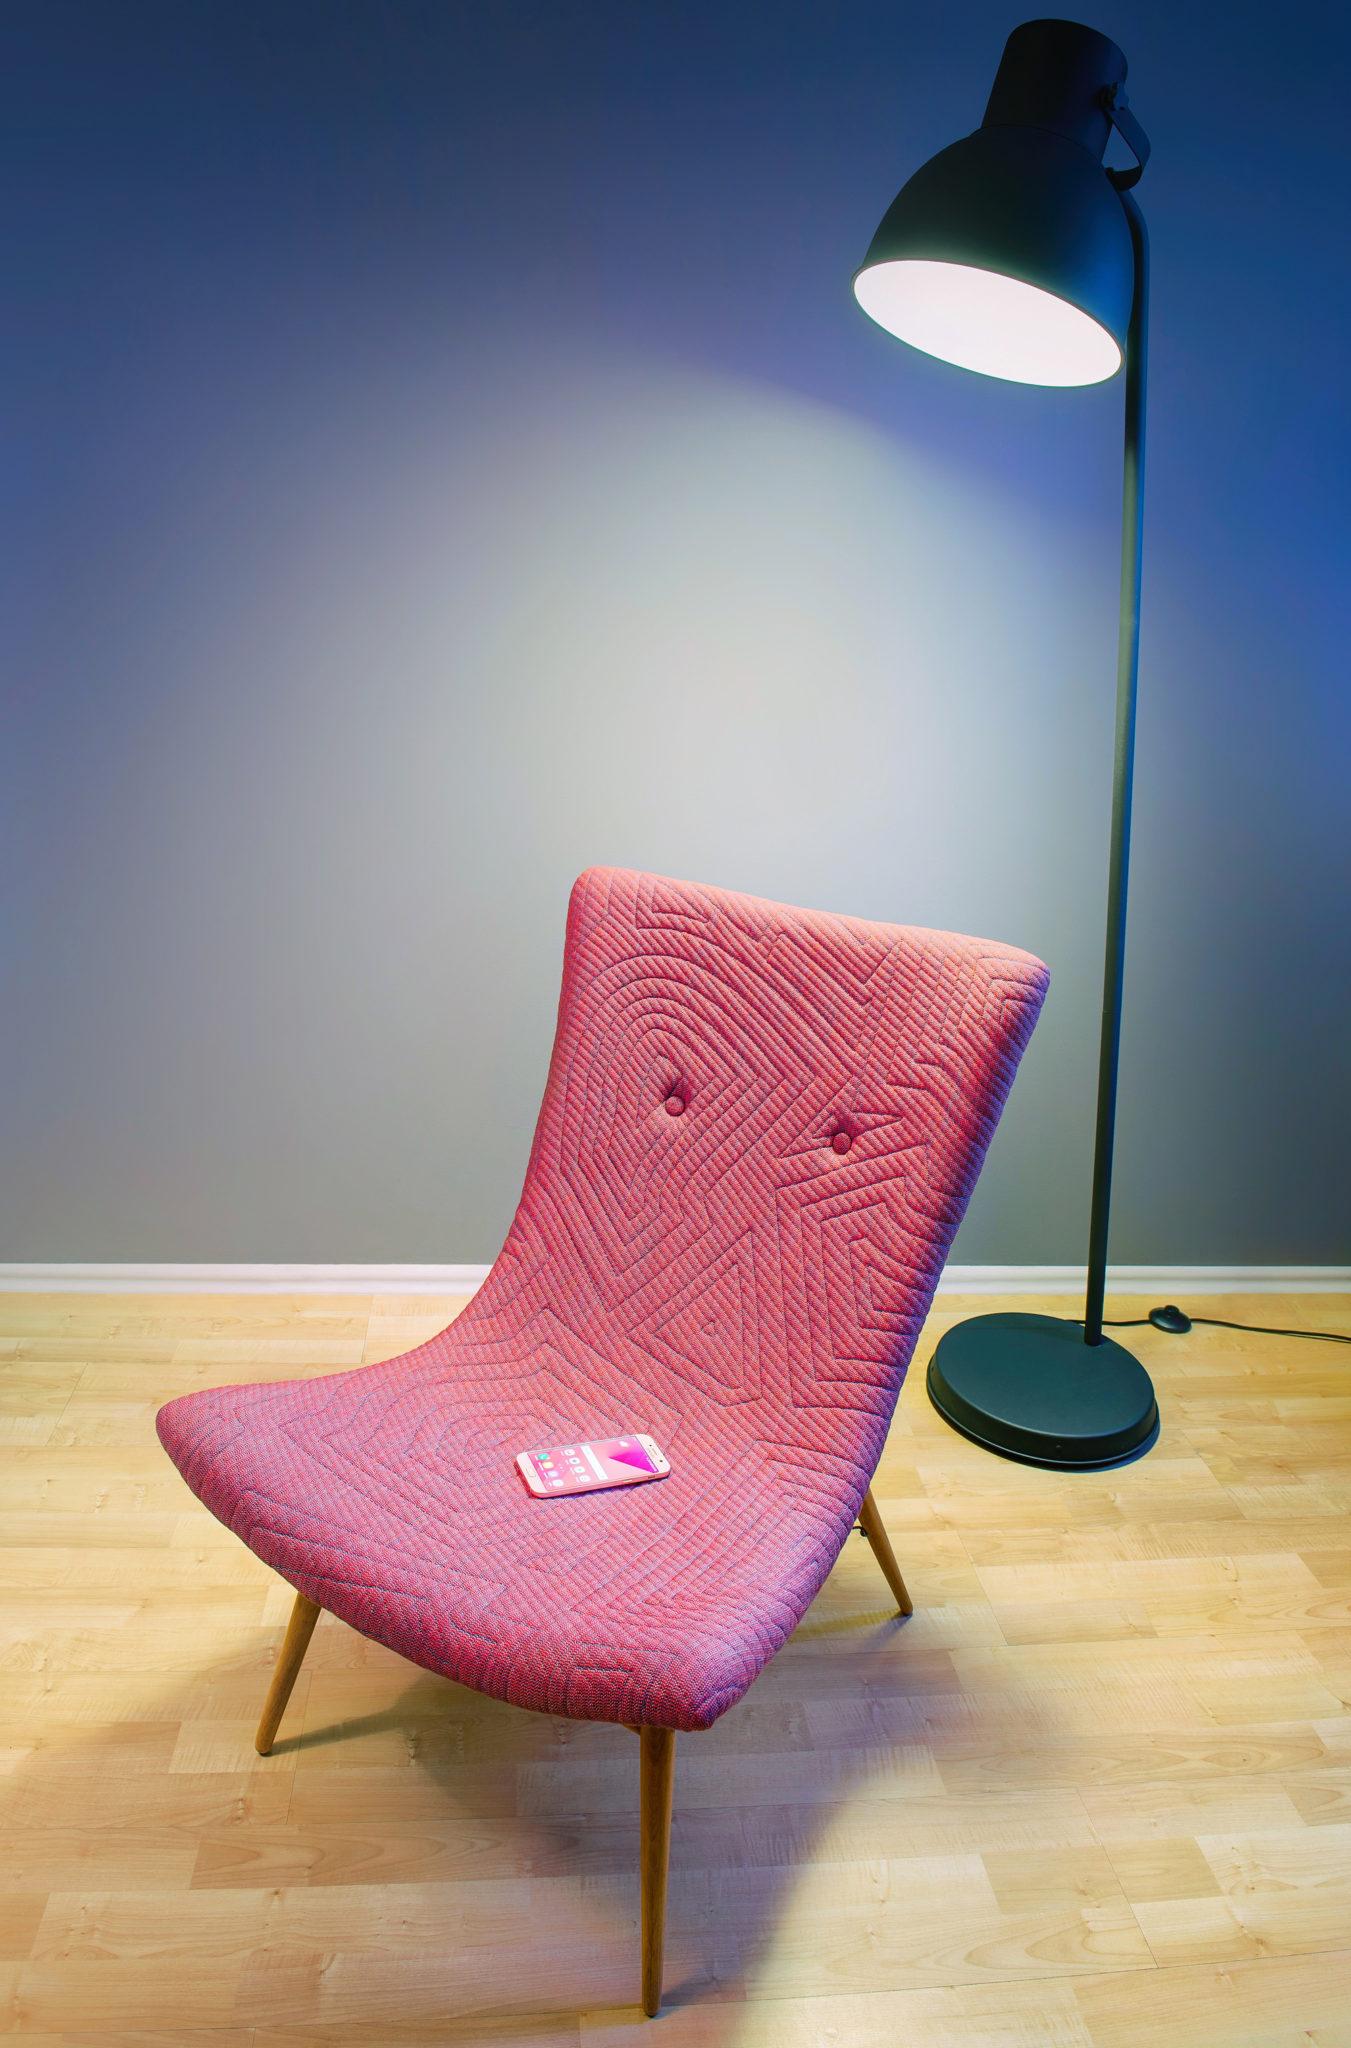 Rózowy fotel z telefonem